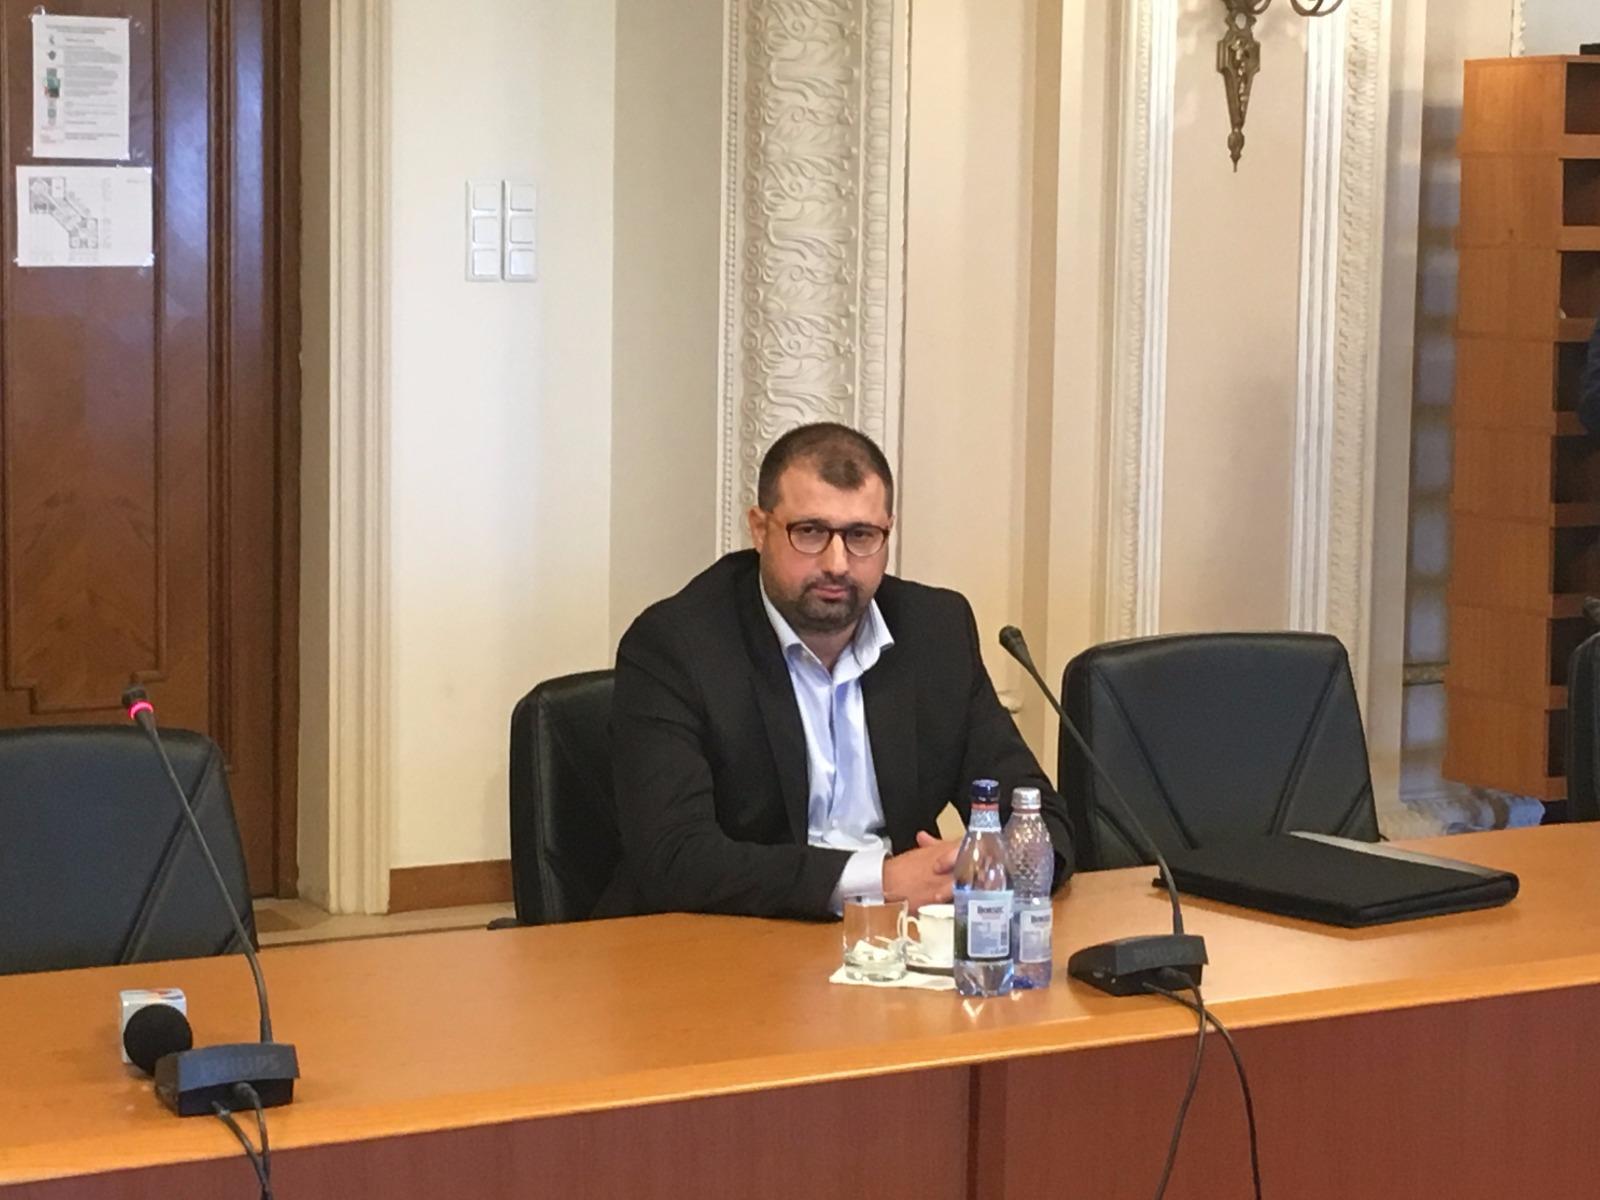 Fostul ofiţer SRI Daniel Dragomir va susţine o conferinţă de presă alături de preşedintele Senatului, Călin Popescu Tăriceanu